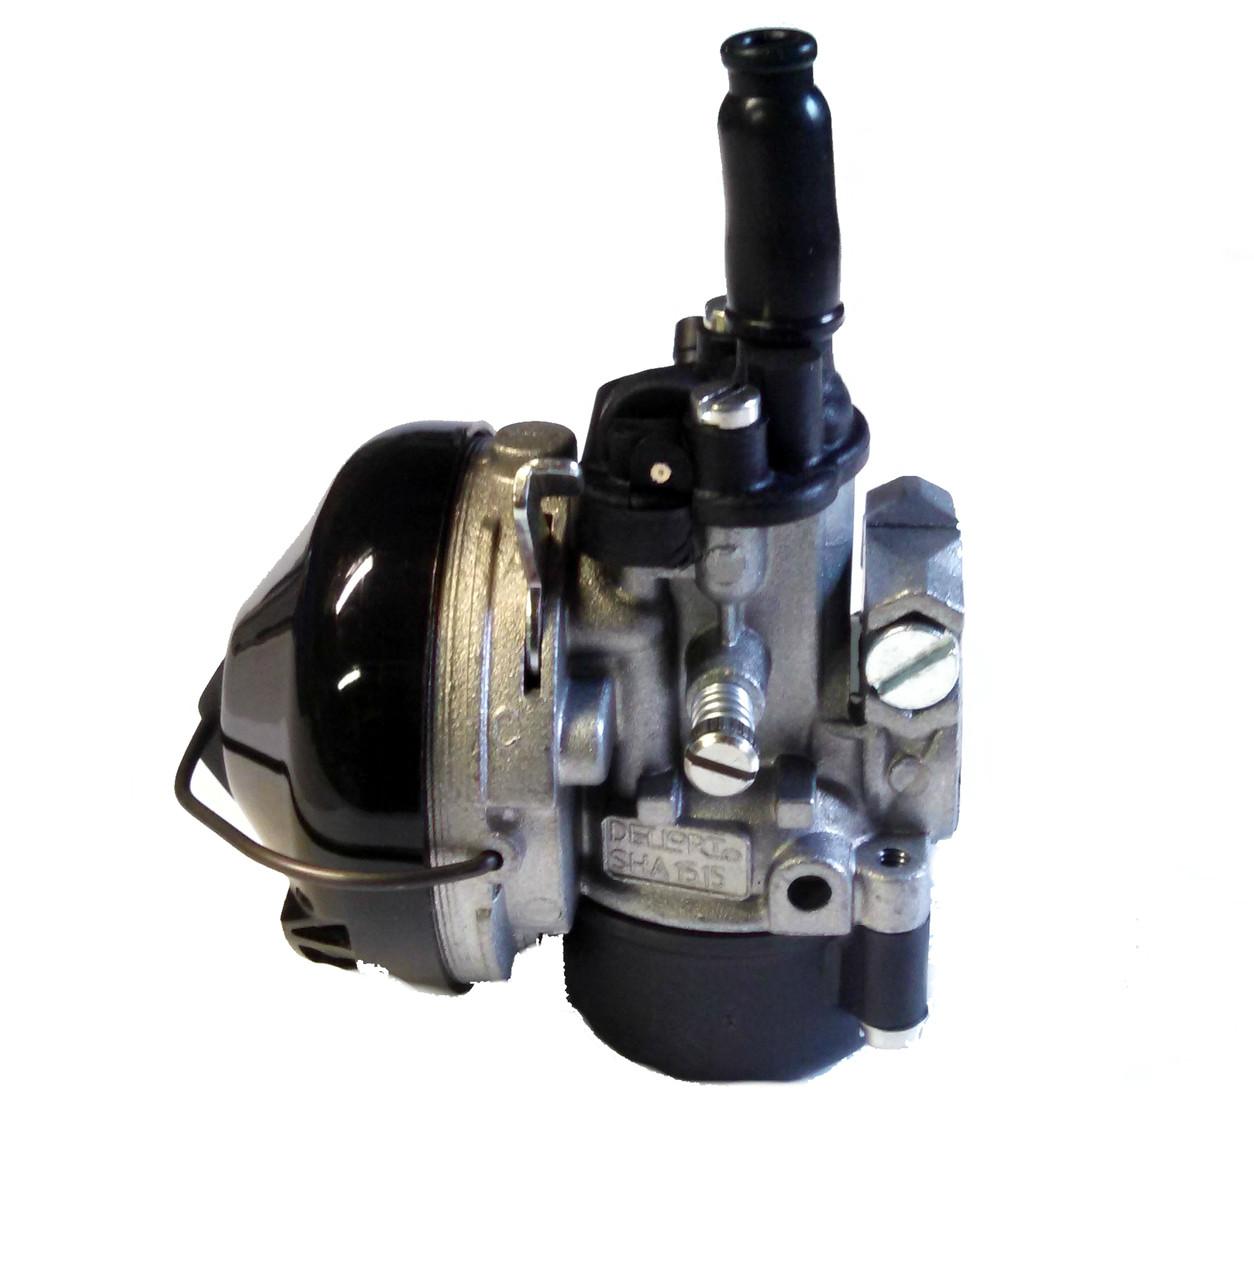 Dellorto 15 15 SHA Carburetor with Lever Choke